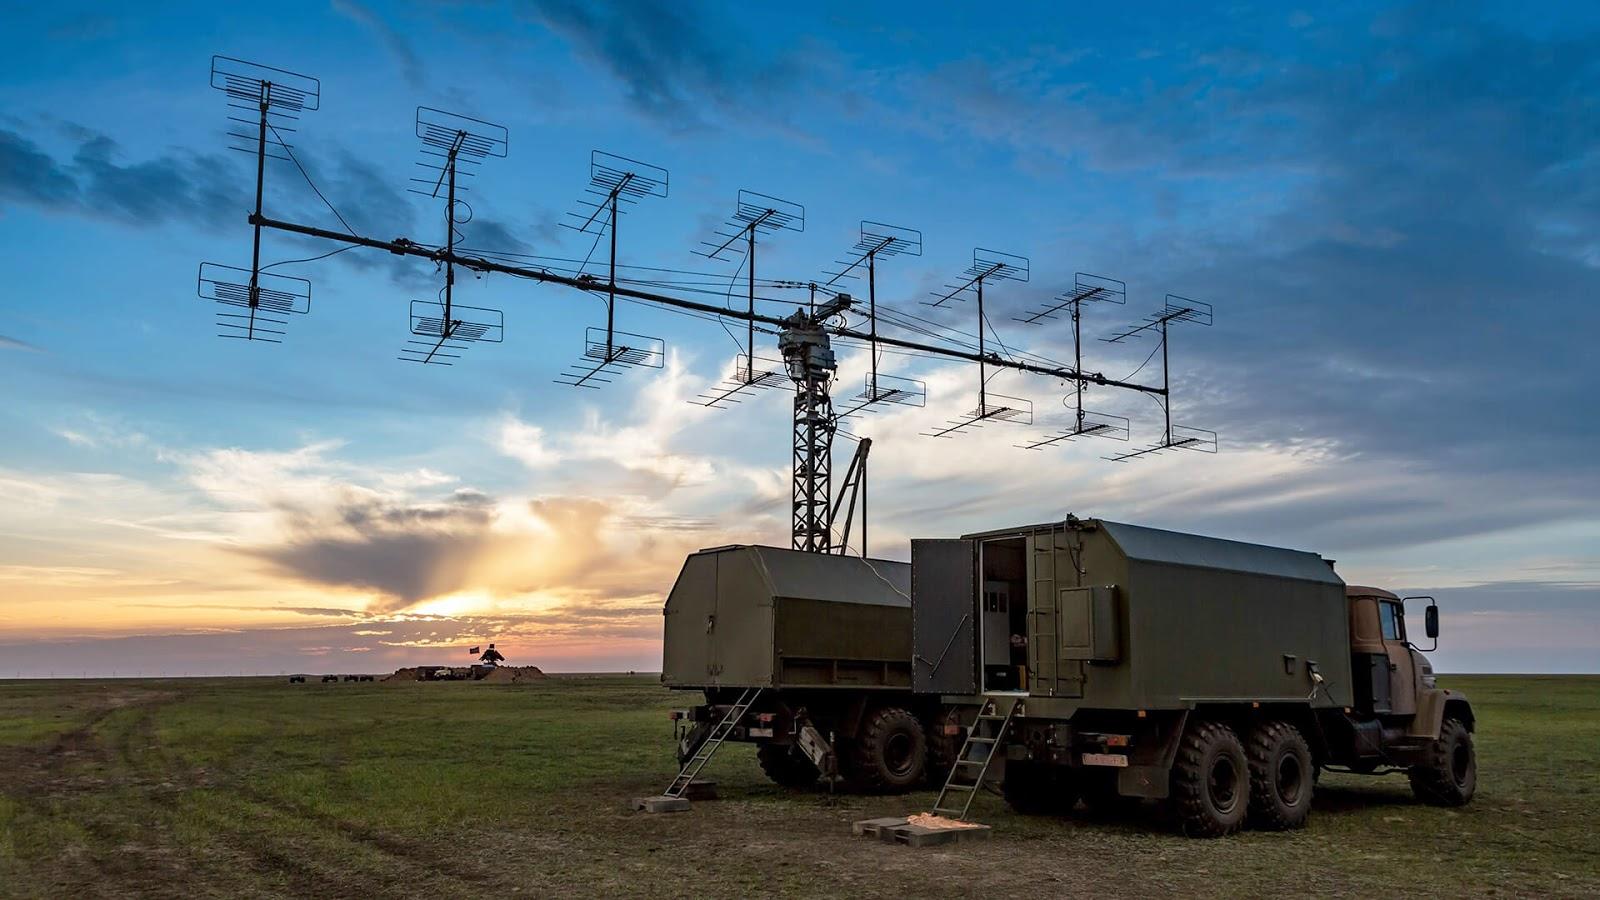 P-180U ve MARS-L Radar Alımı ve Kullanım Alanlarına Bakış!